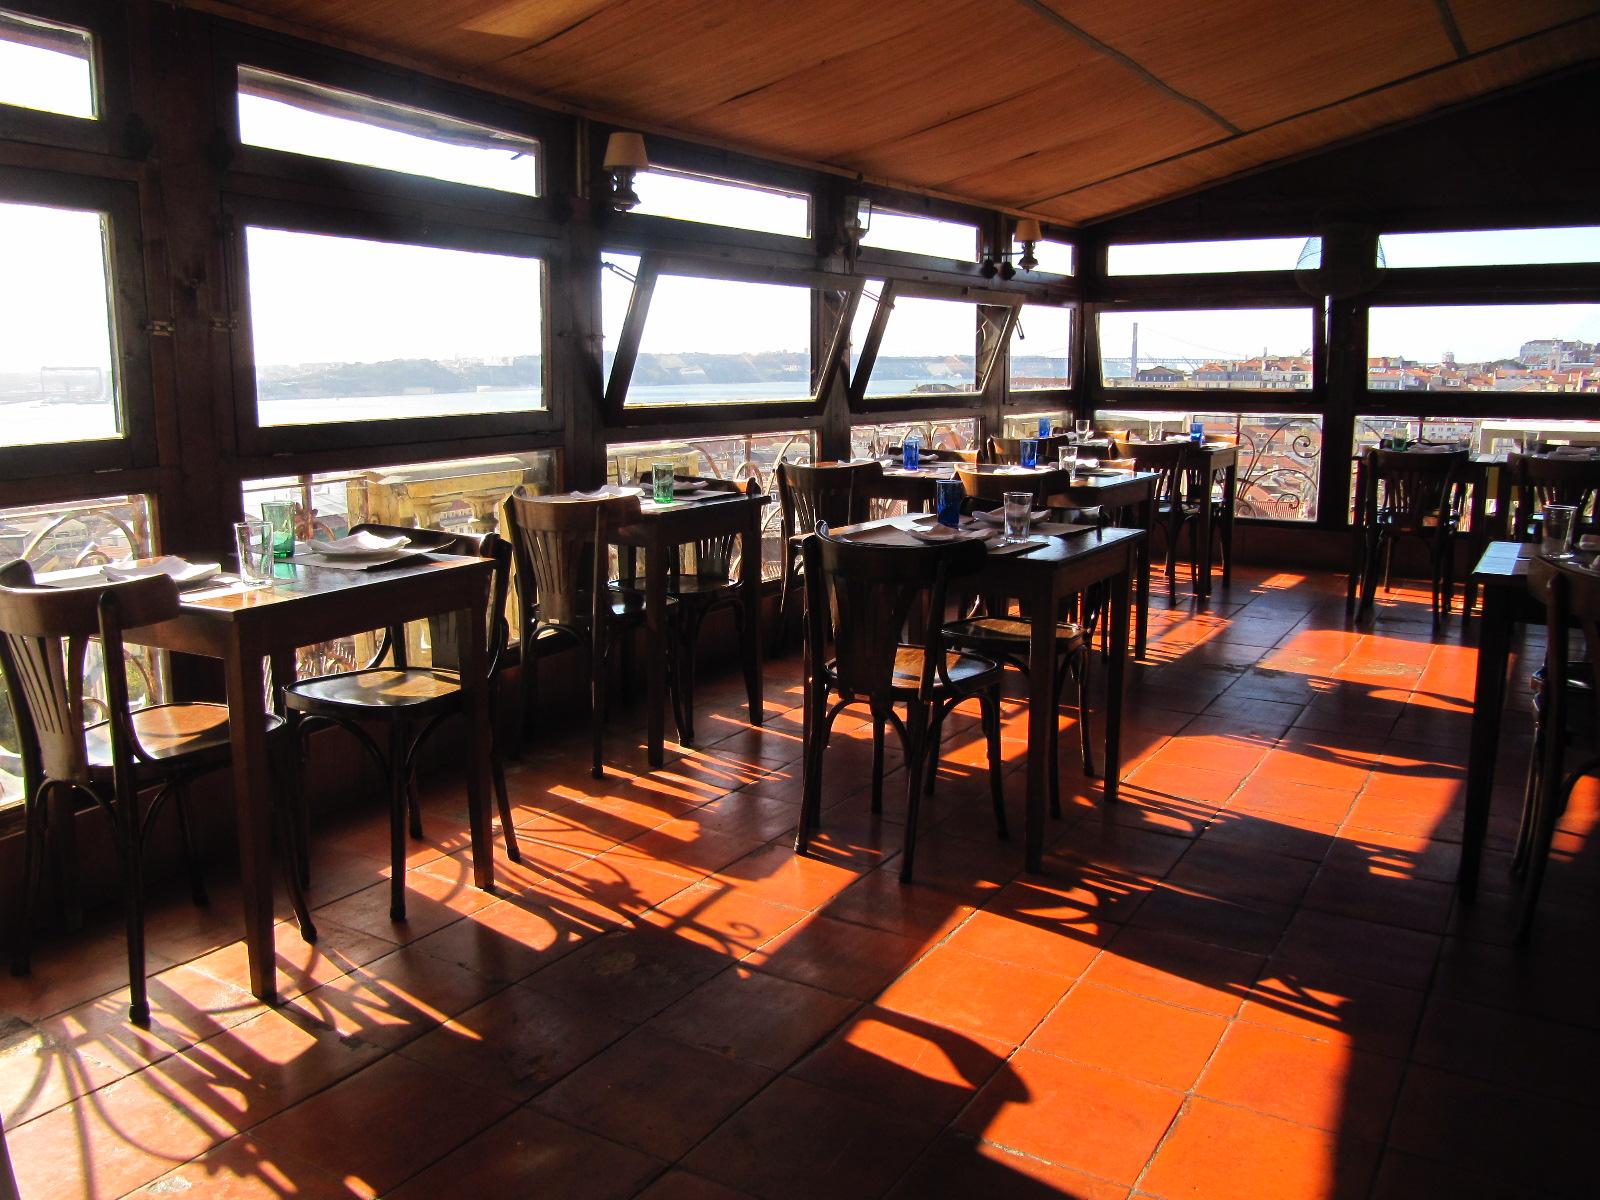 Chapito A Mesa - Restaurant avec vue panoramique sur Lisbonne - Pres Chateau Saint Georges